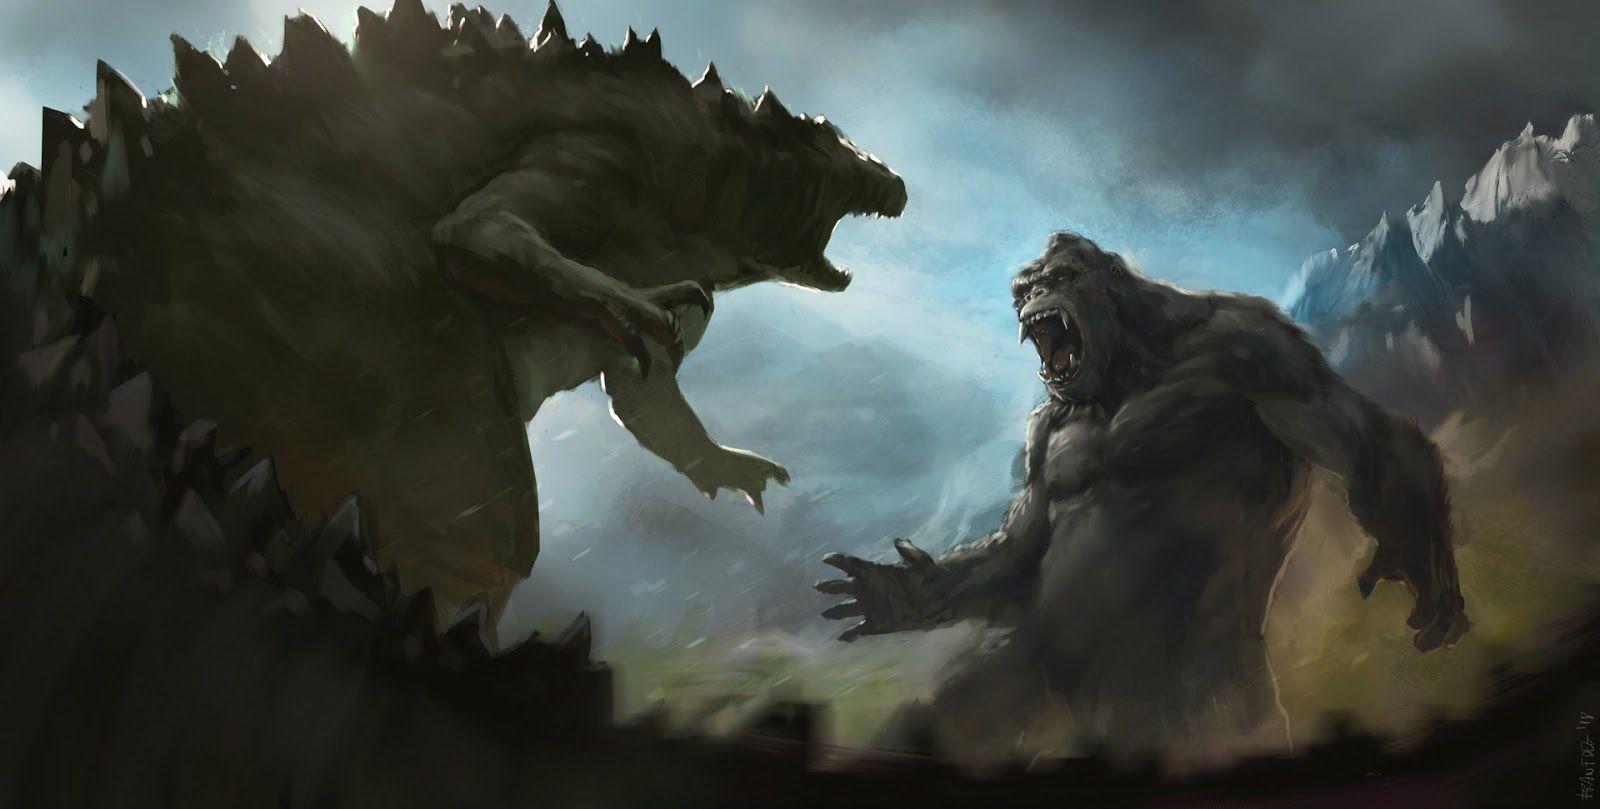 Godzilla vs. Kong's Trailer May Tease a Team-Up Between the Two Kaiju